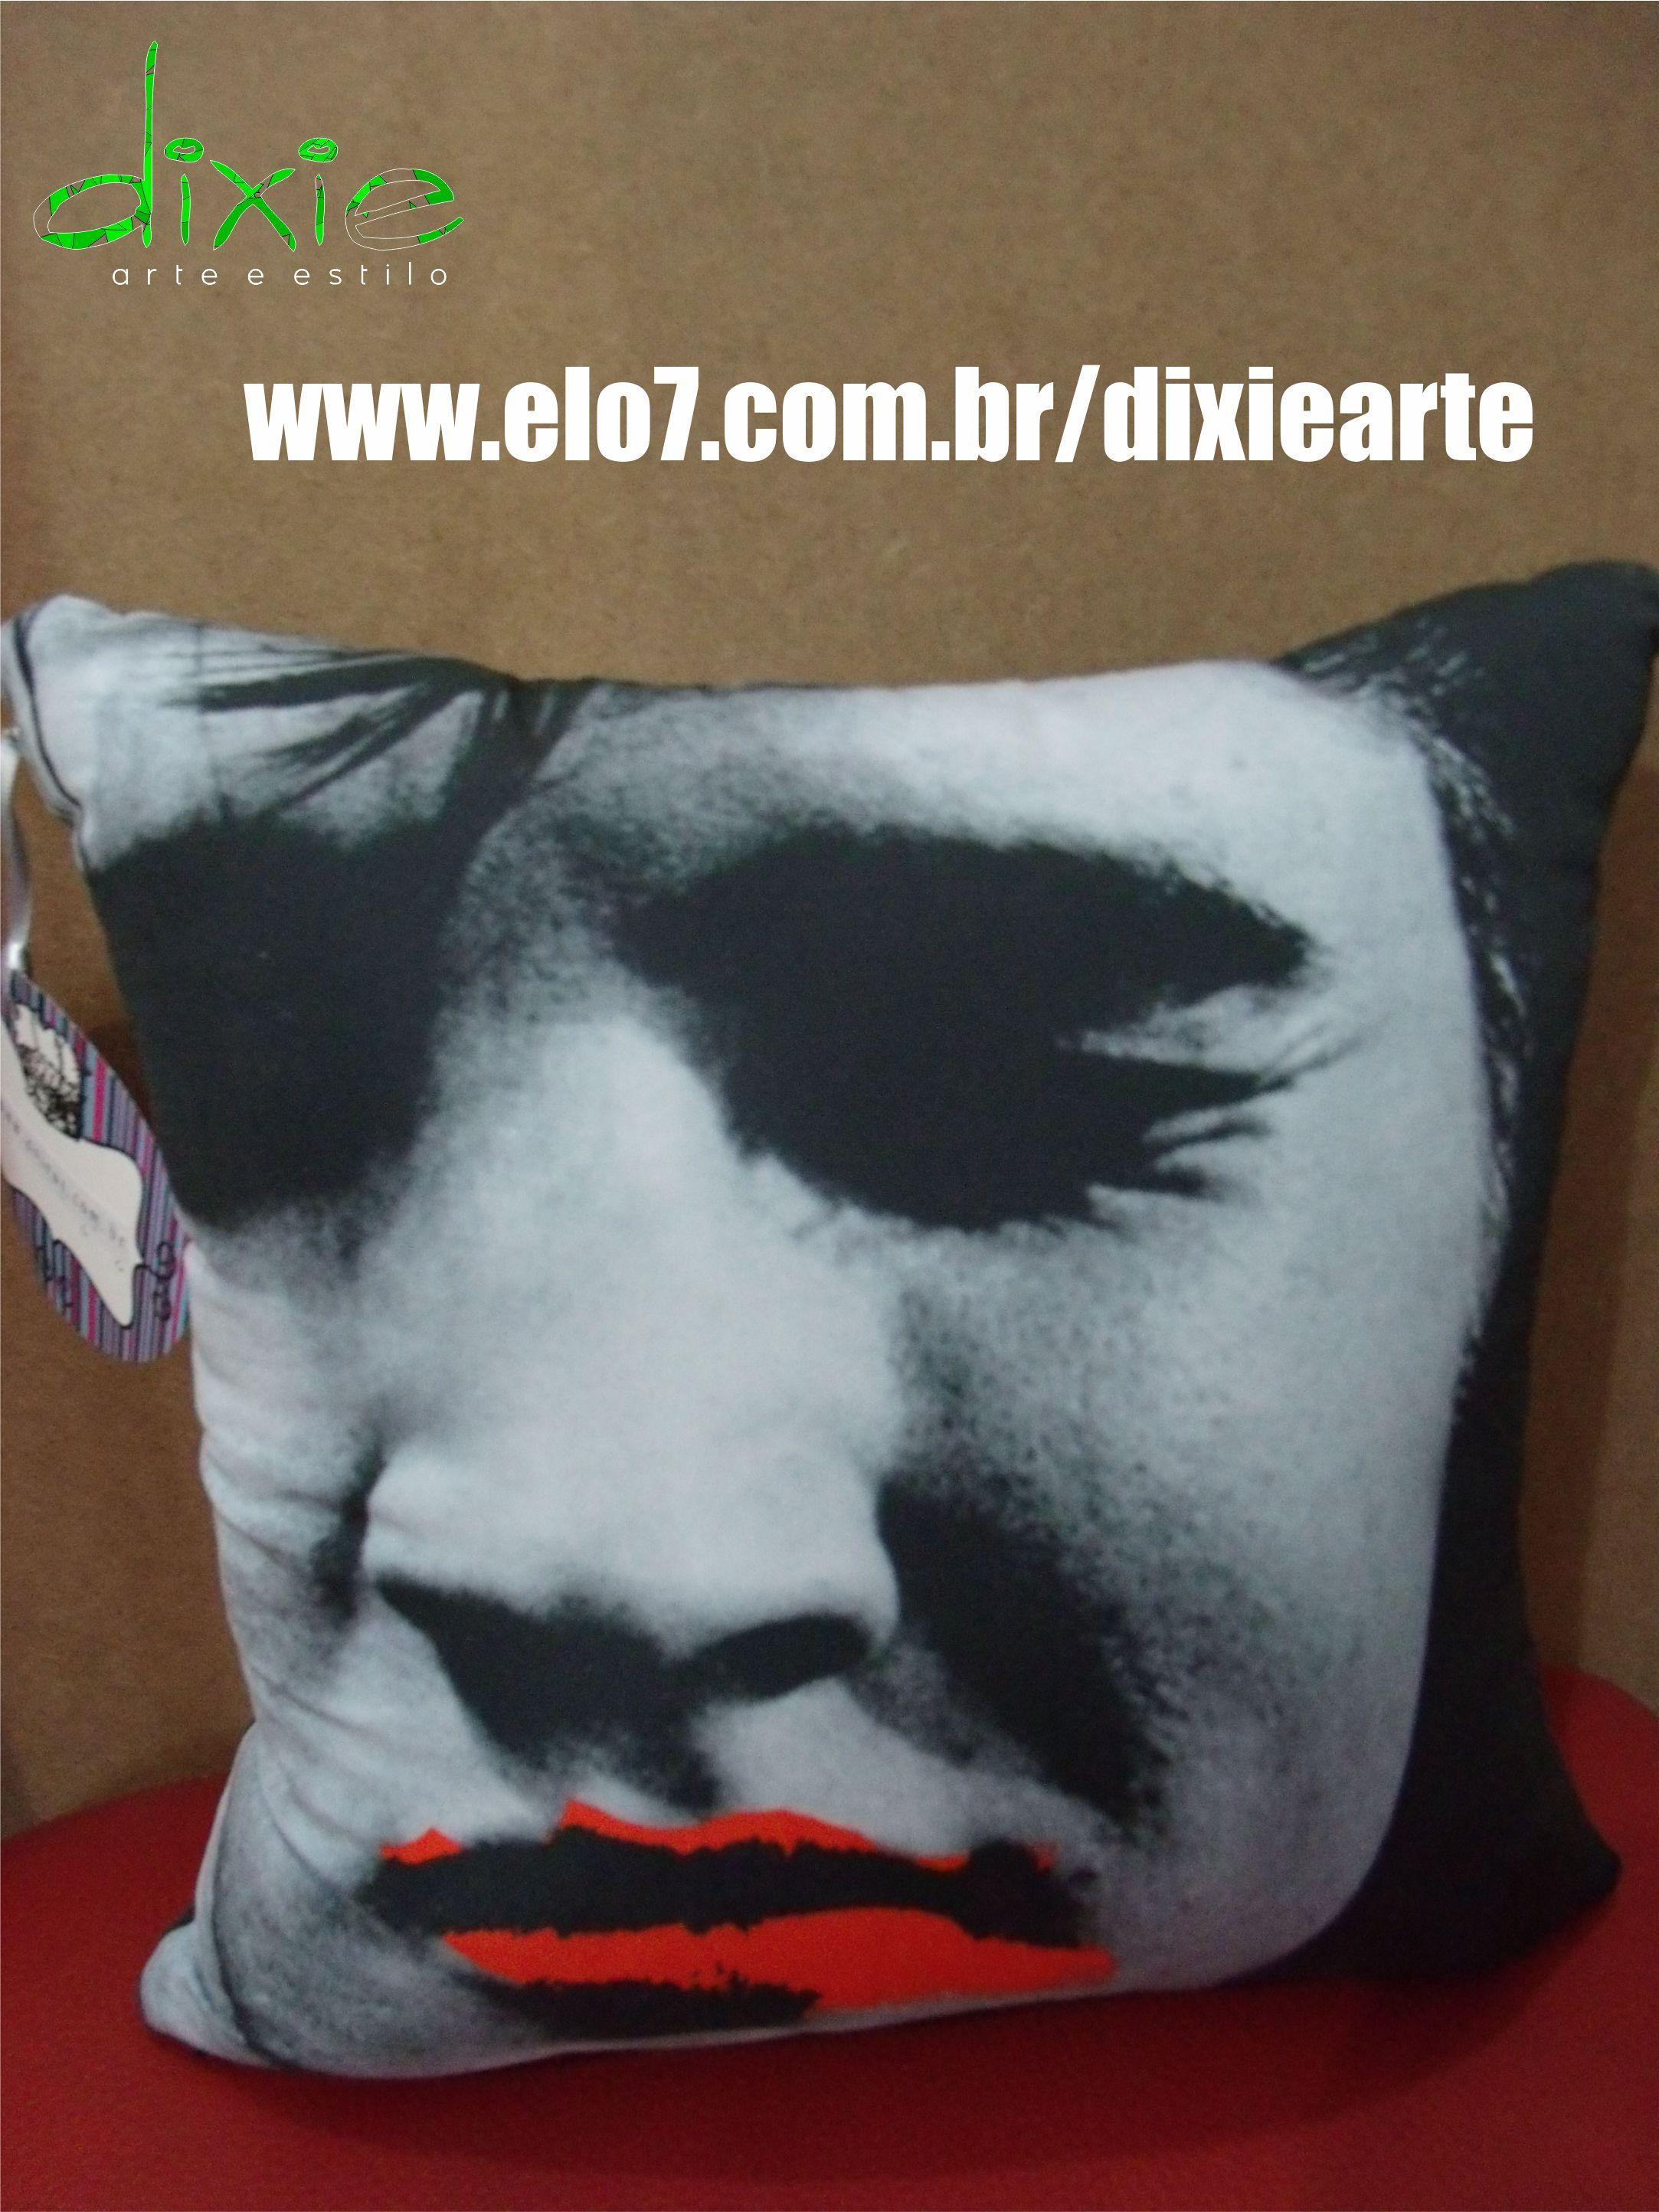 Almofada Beijo no Elvis  www.elo7.com.br/dixiearte